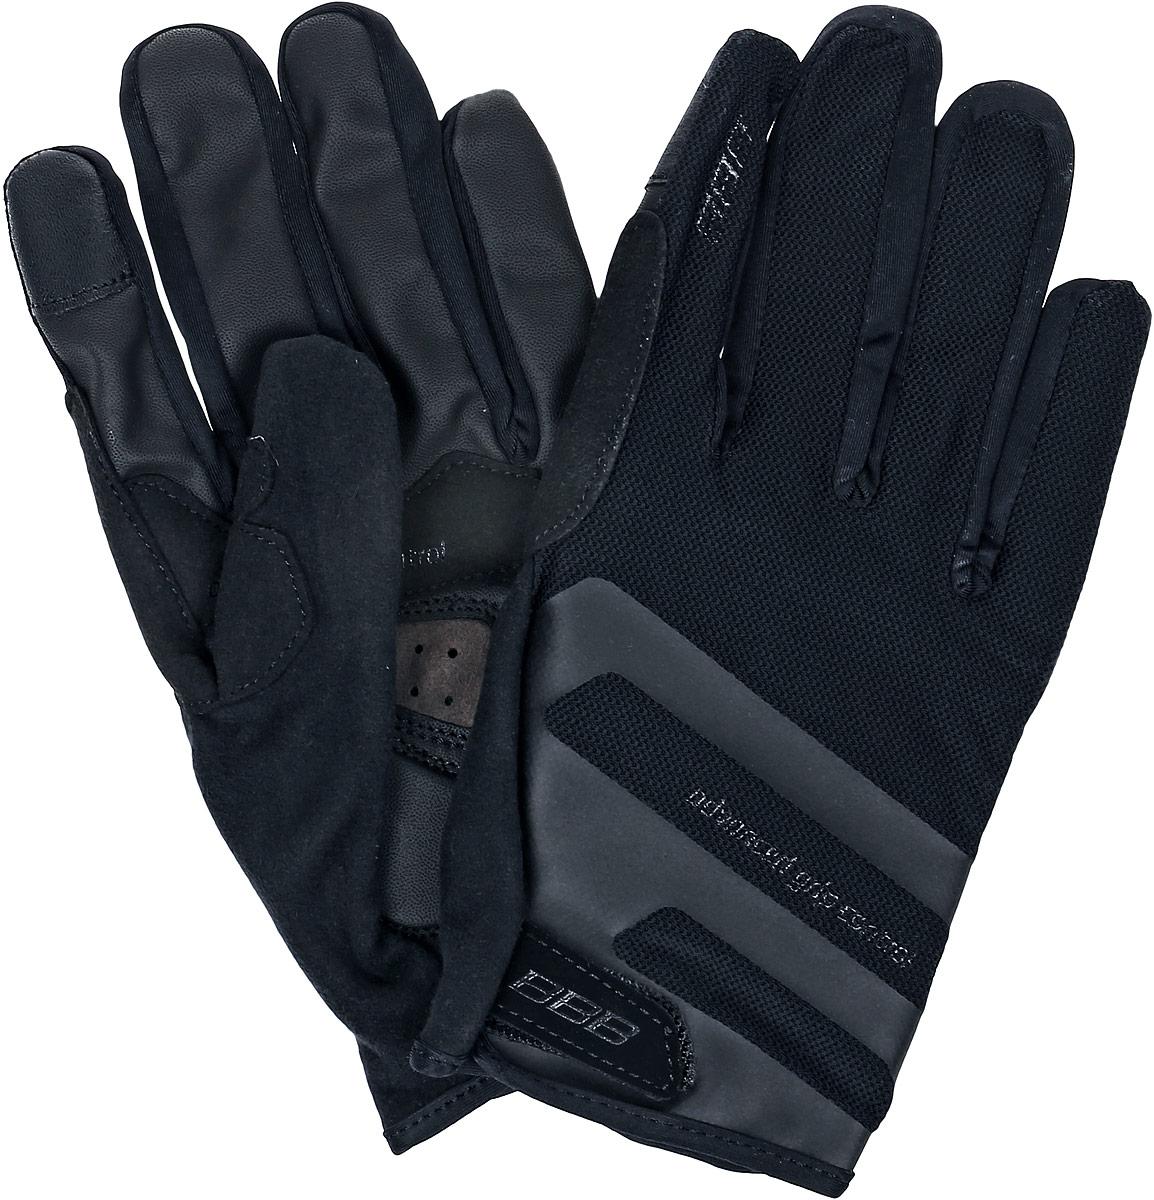 Перчатки велосипедные BBB AirZone, цвет: черный. Размер MХ74366-МКогда трейлы накаляются от зноя, перчатки Airzone - ваш лучший выбор. Эти перчатки с длинными пальцами снабжены тыльной стороной из сетчатого материала и вентилируемой ладонью с полиуретановыми вставками для крепкого хвата. Гелевые вставки предупреждают усталость и защищают при падениях. Большой и указательный пальцы дополнительно защищены материалом Clarino.Сетчатая структура верхней части обеспечивает хорошую вентиляцию. Такие перчатки идеальны при эксплуатации в условиях высоких температур. Тыльная сторона из сетчатого материала Airmesh. Перфорированная ладонь с вставками из полиуретана для надёжного хвата.Манжета анатомического кроя дополнена застёжкой-липучкой. Состав: 28% полиамид, 24% полиуретан, 21% полиэстер, 15% эластан, 12% полиэтилен.